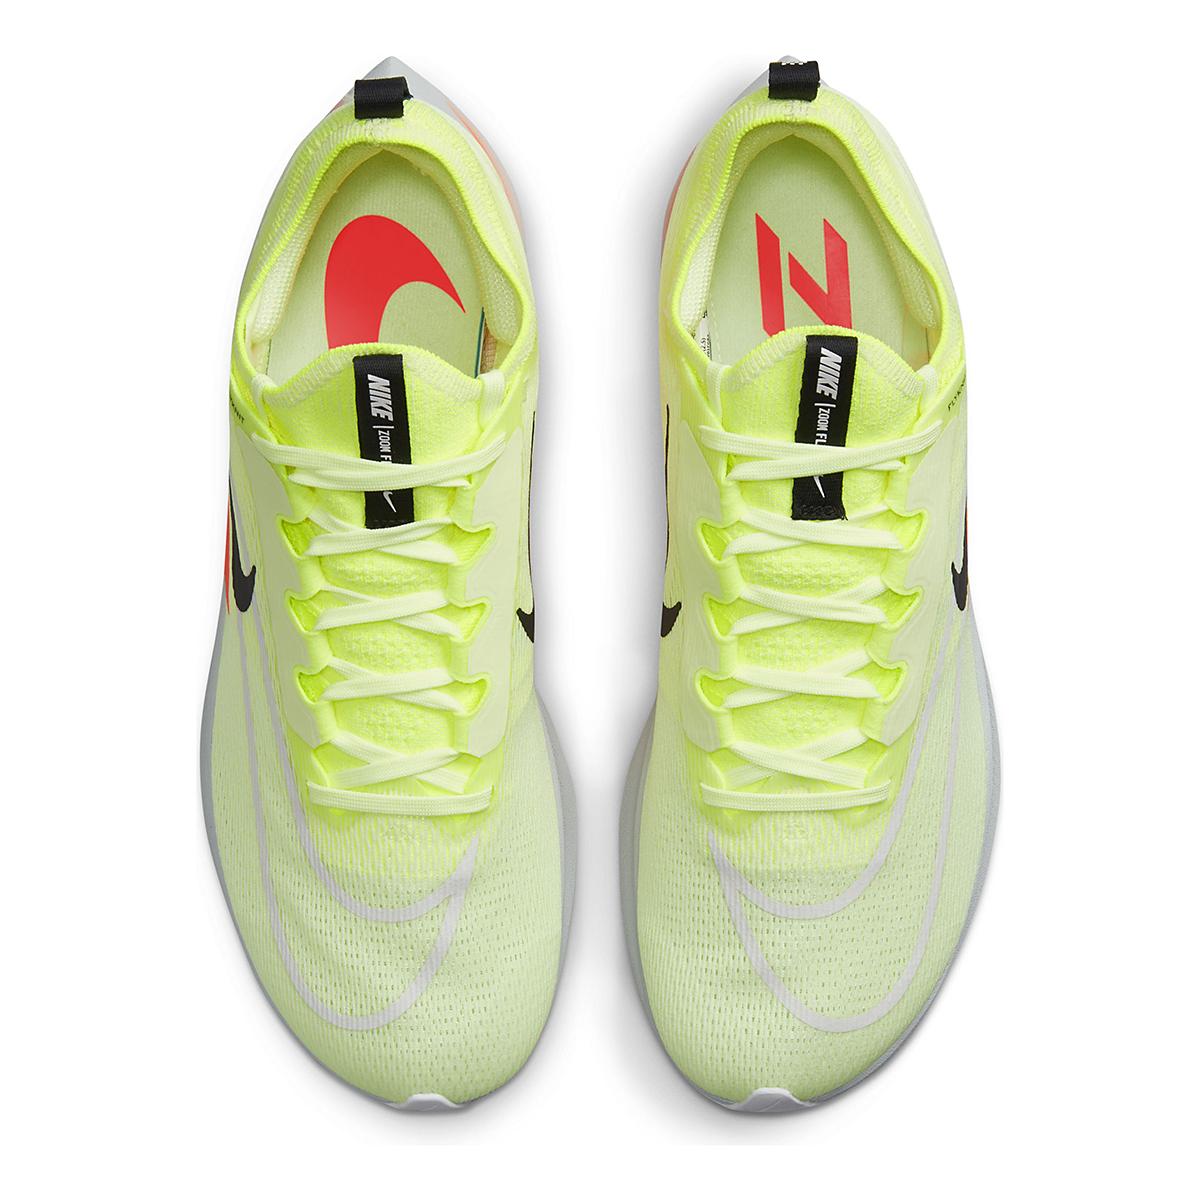 Men's Nike Zoom Fly 4 Running Shoe - Color: Barely Volt/Black/Hyper Orange - Size: 6 - Width: Regular, Barely Volt/Black/Hyper Orange, large, image 5